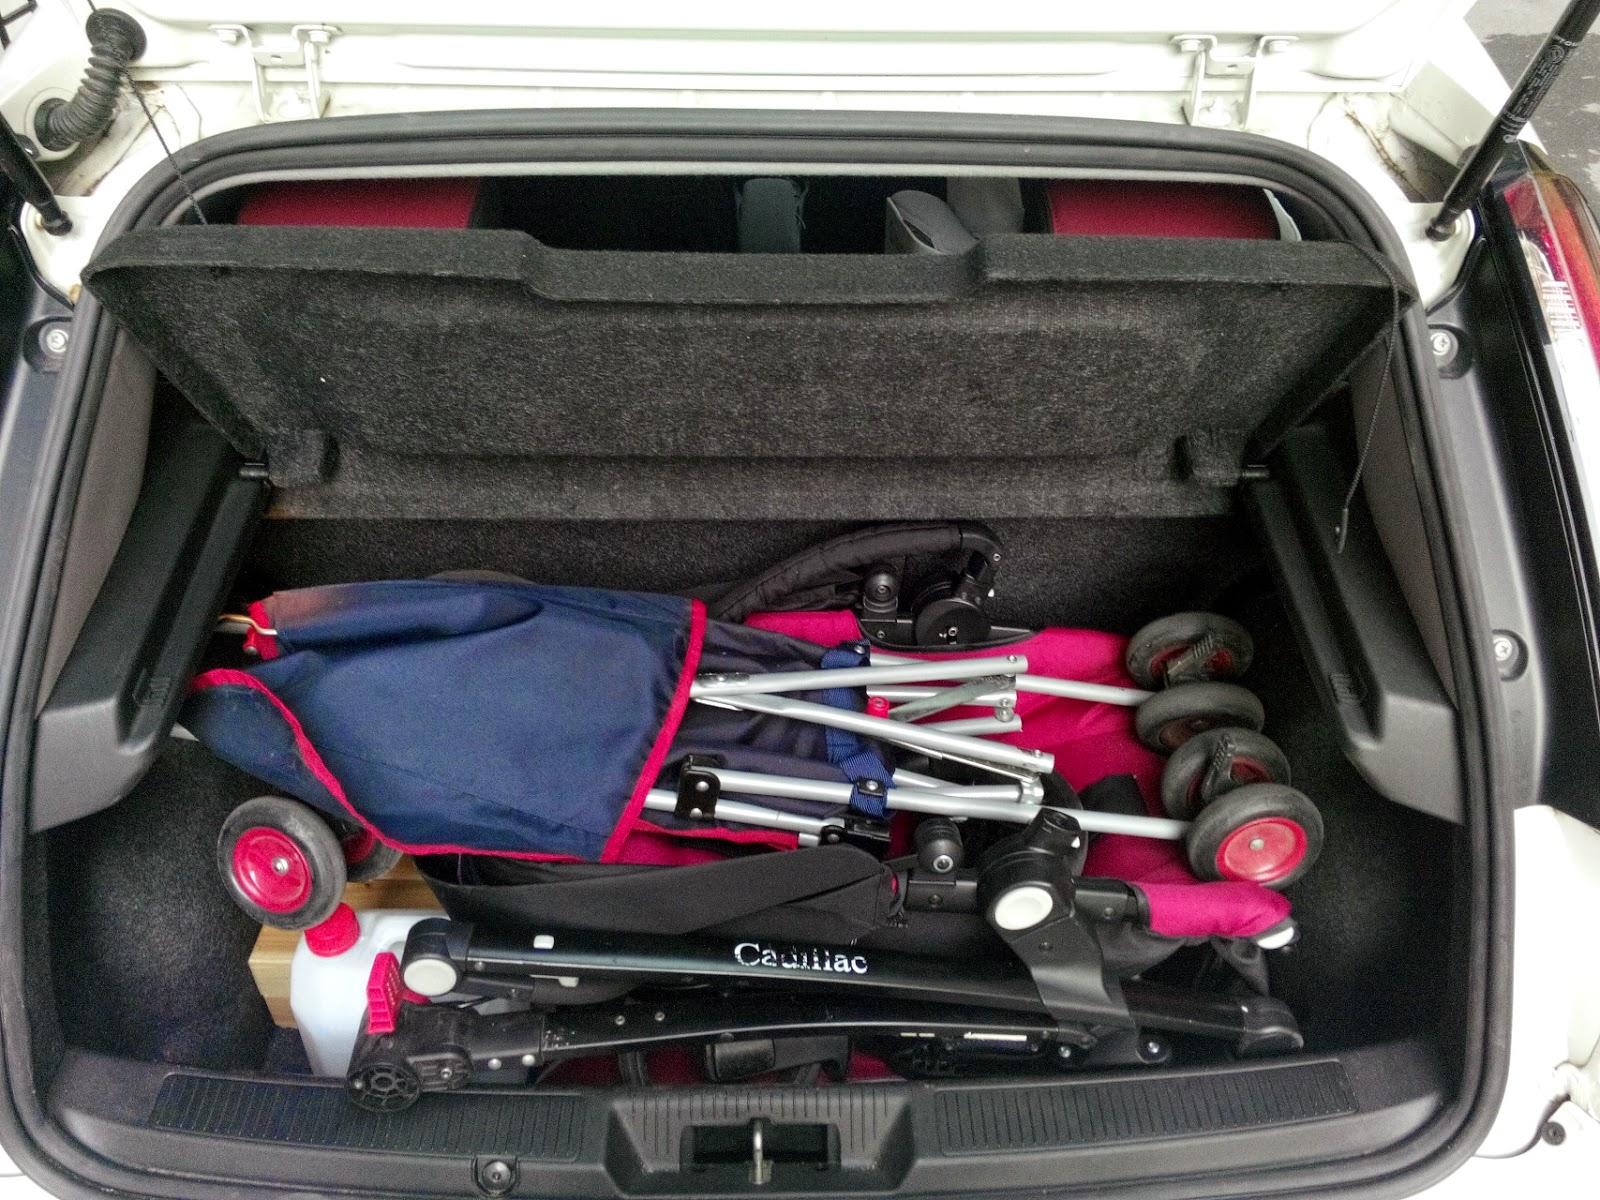 araba bagajında puset